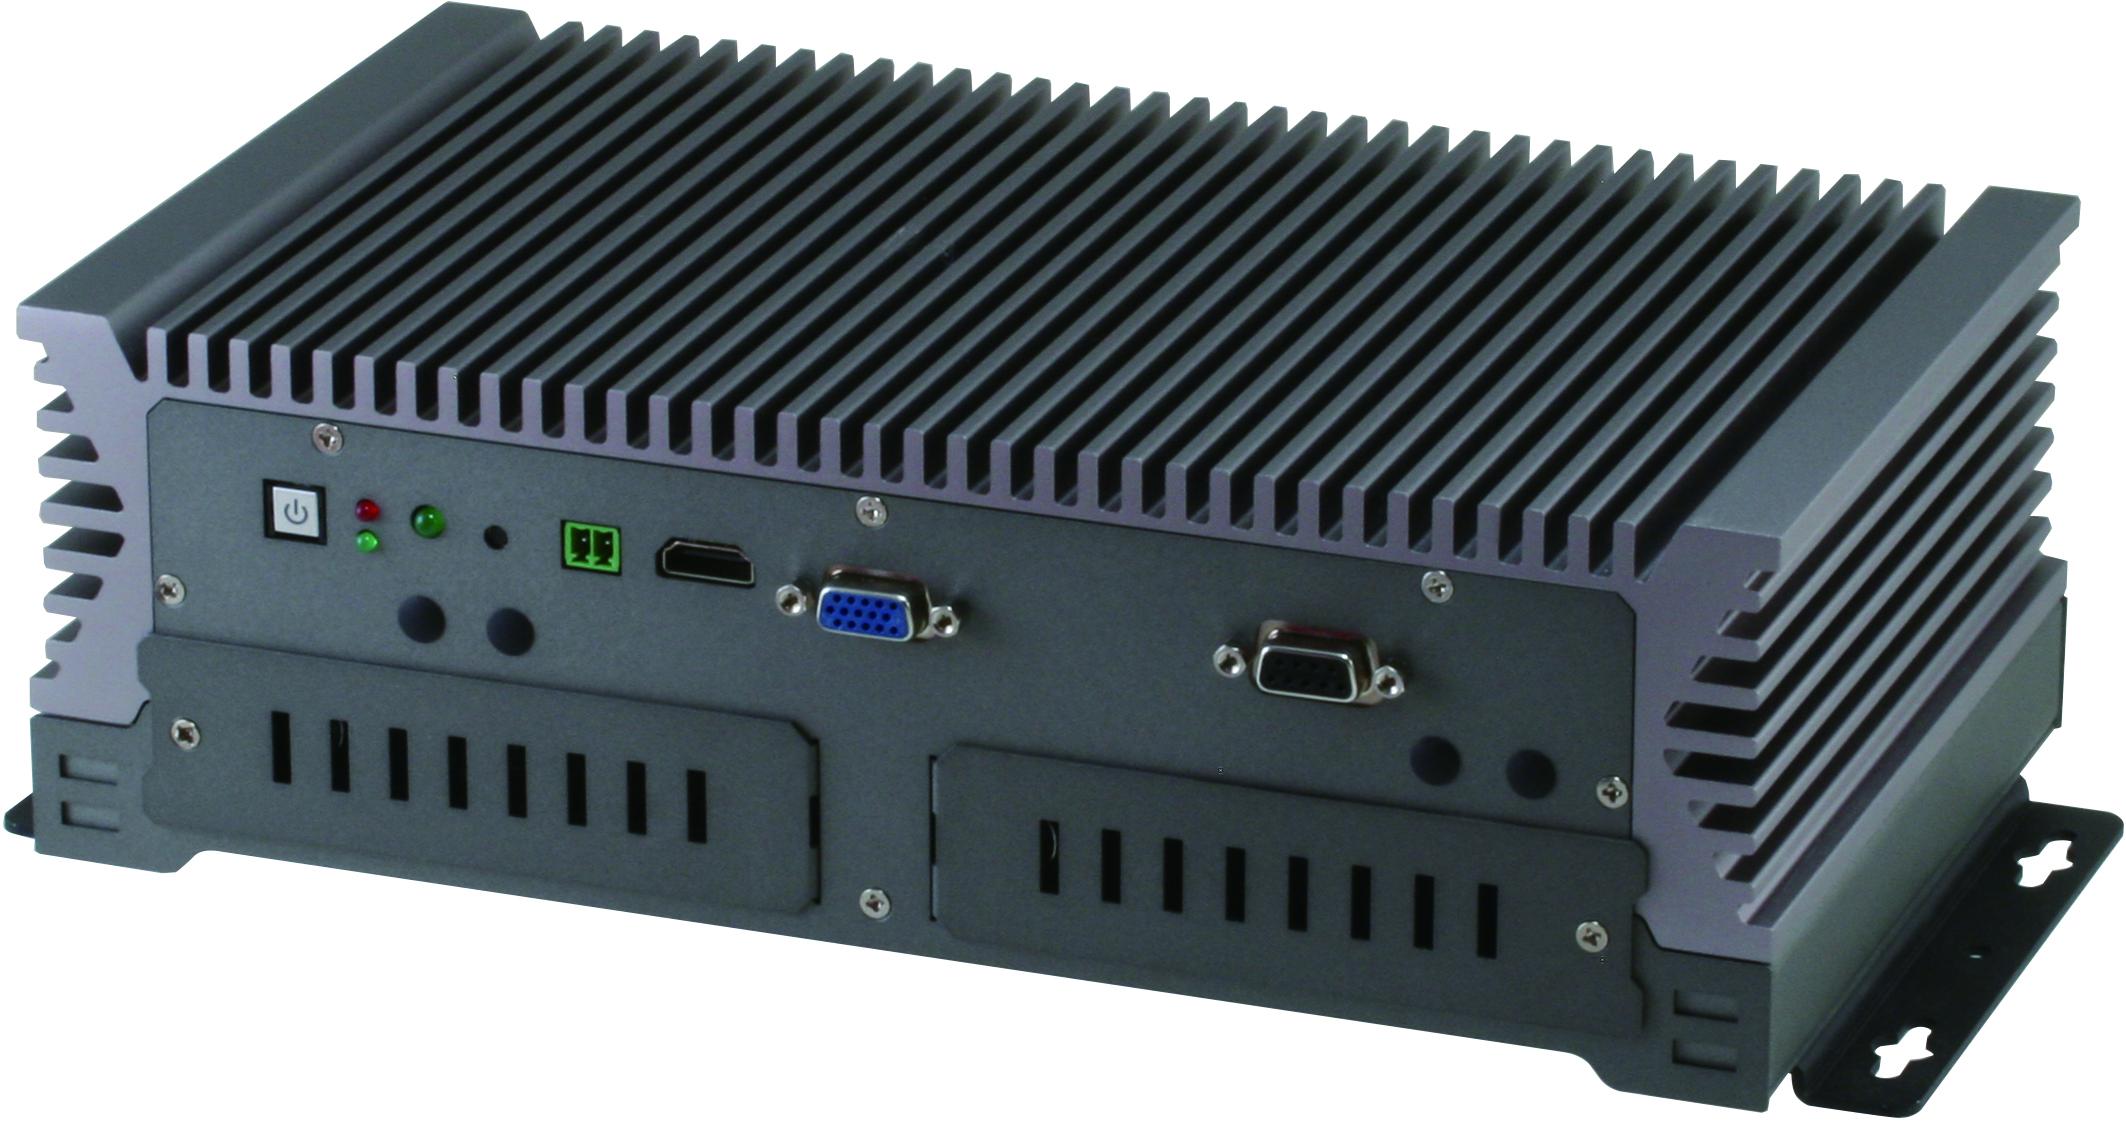 強固型嵌入式無風扇車載控制系統